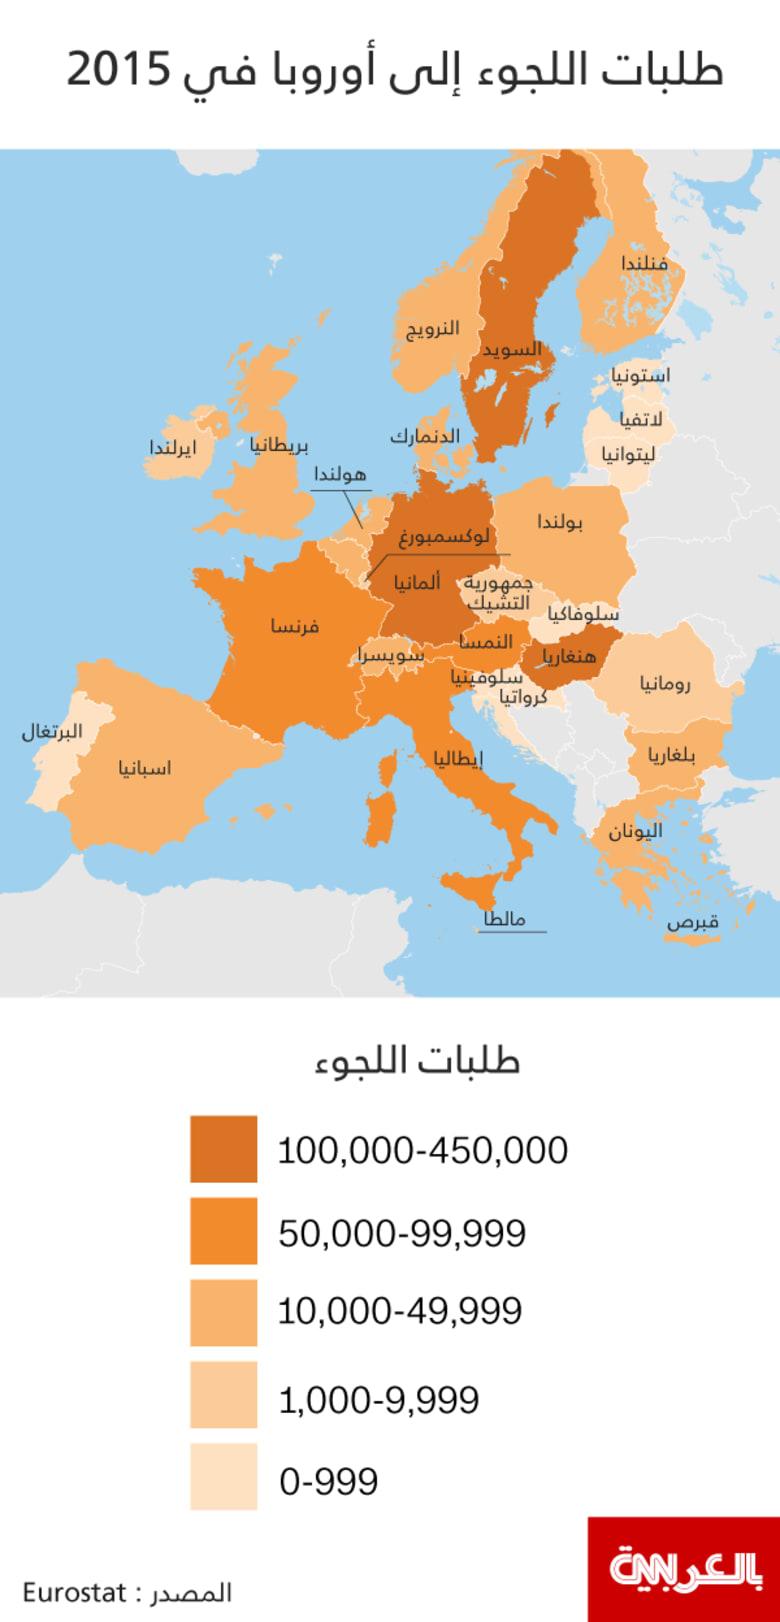 انفوجرافيك... طلبات اللجوء لأوروبا بمئات الآلاف